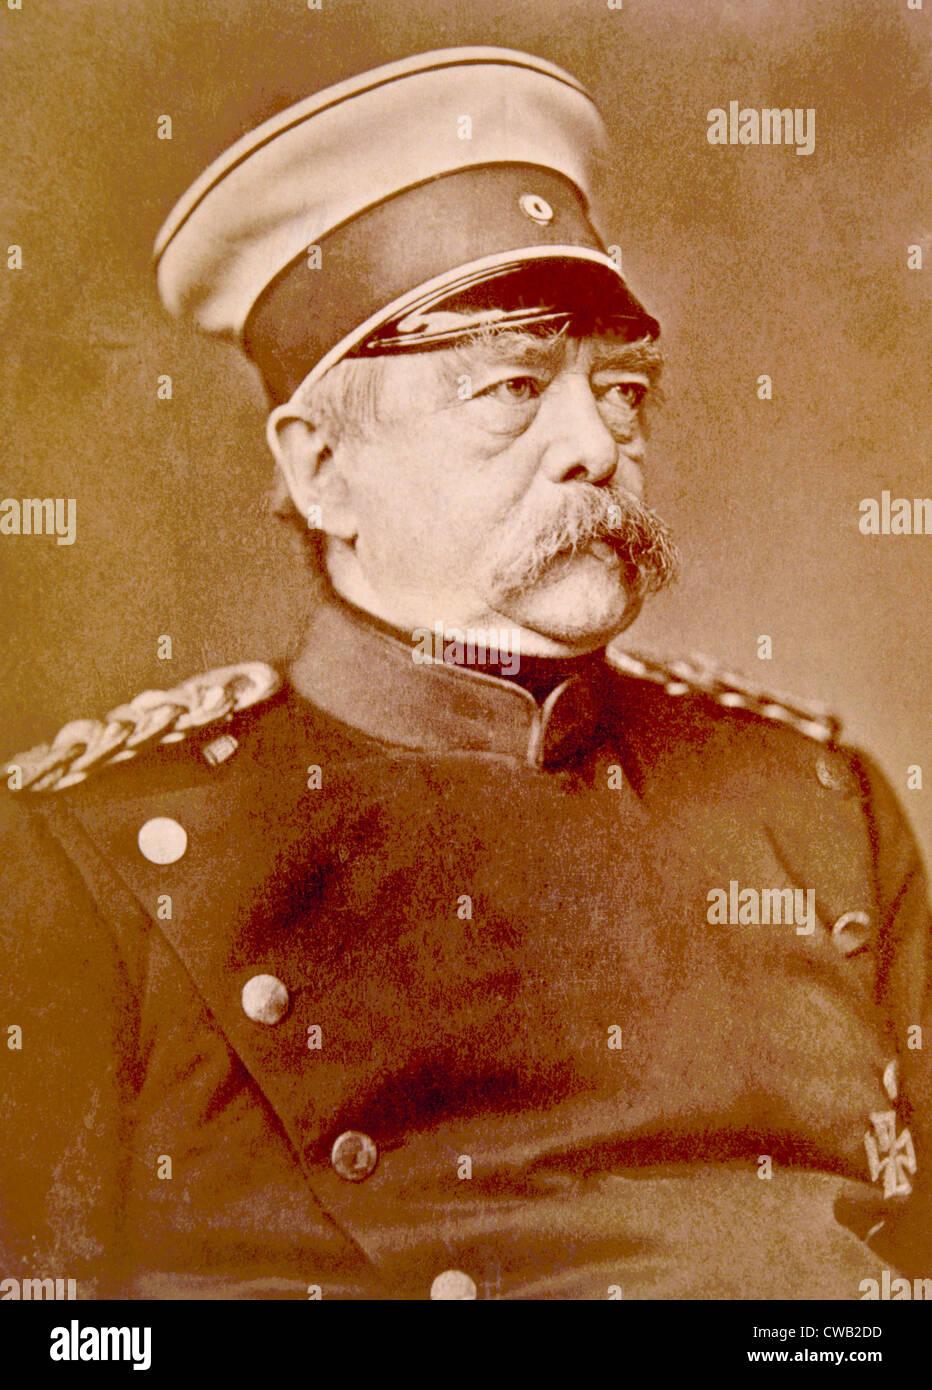 Otto von Bismarck (1815-1898), Bundeskanzler der Bundesrepublik Deutschland, bekannt als der Eiserne Kanzler, ca. Stockbild